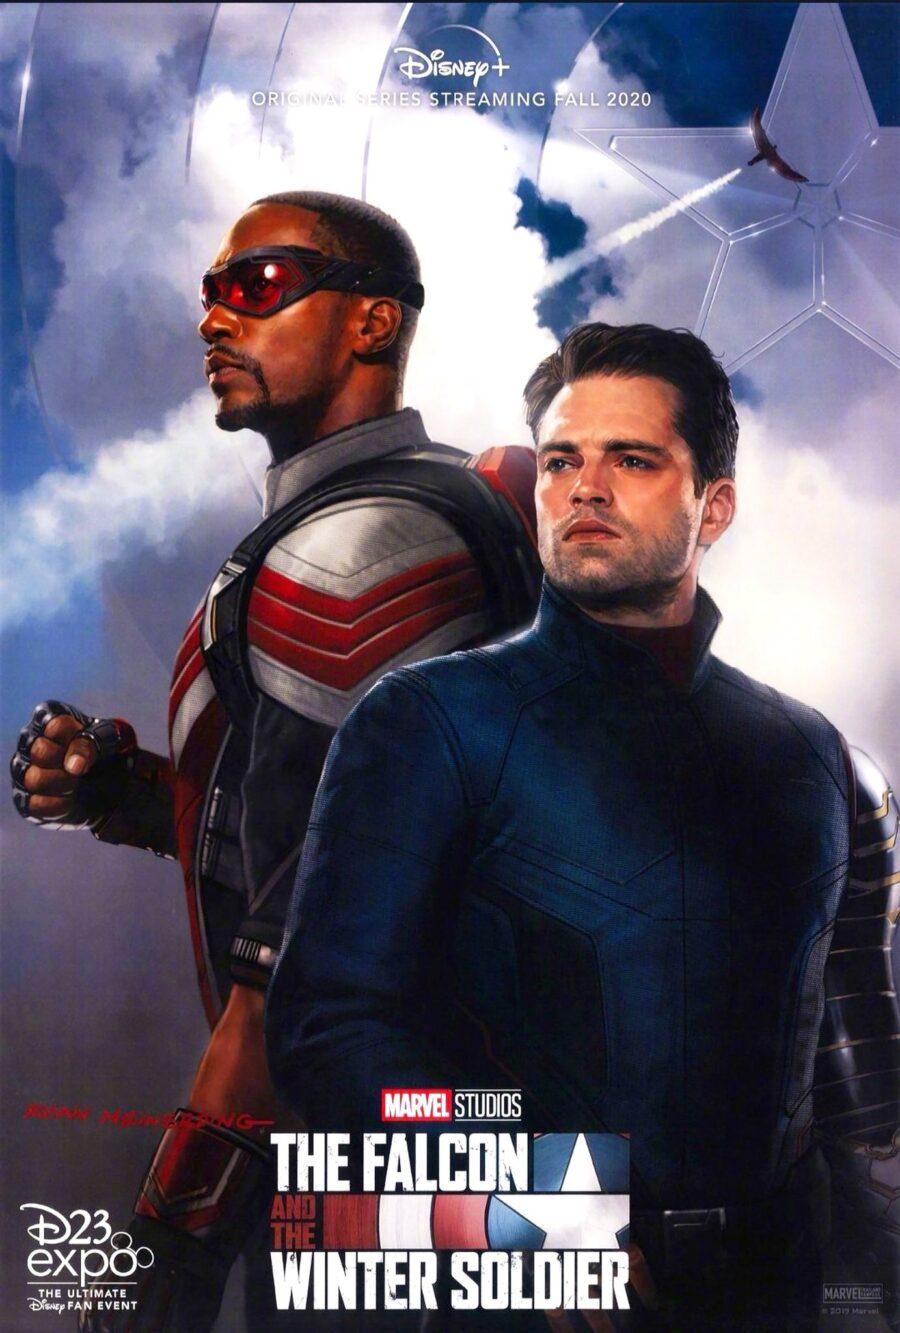 Marvel TV series